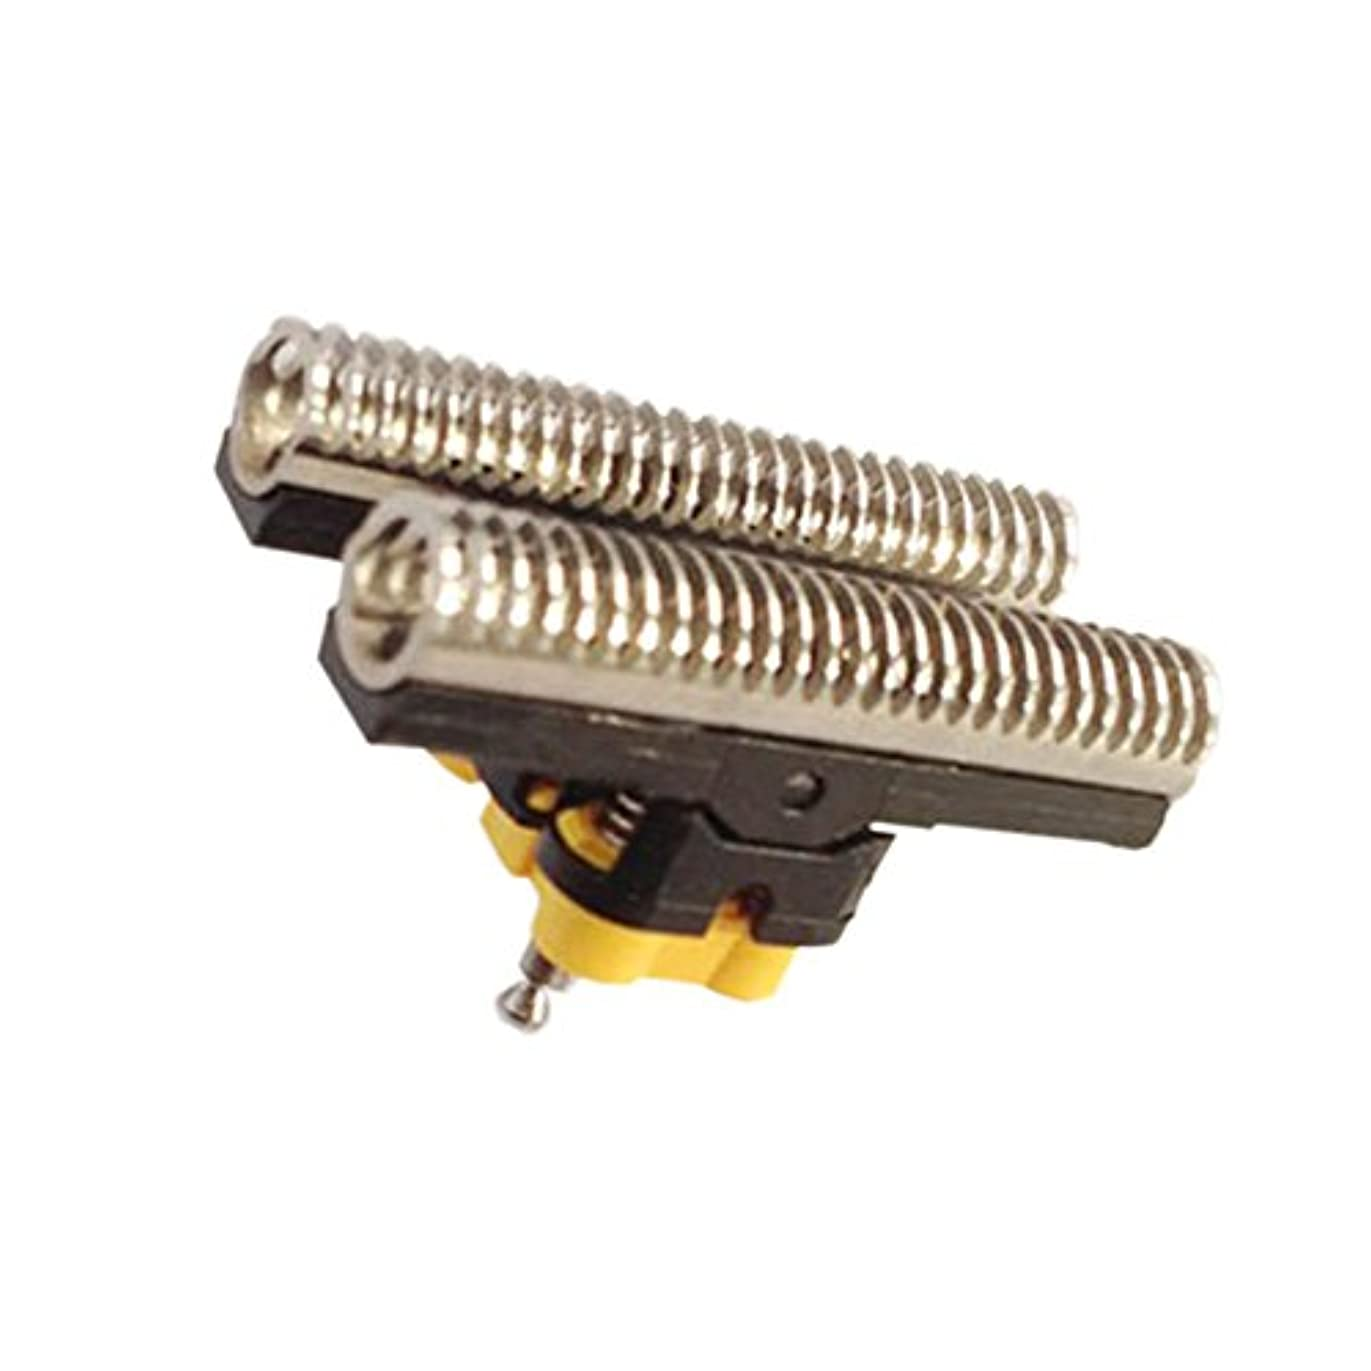 名目上の推進、動かす従順なHZjundasi Replacement シェーバー 刃 for Braun 8000/7000/6000/5000/4000/3/5 Series